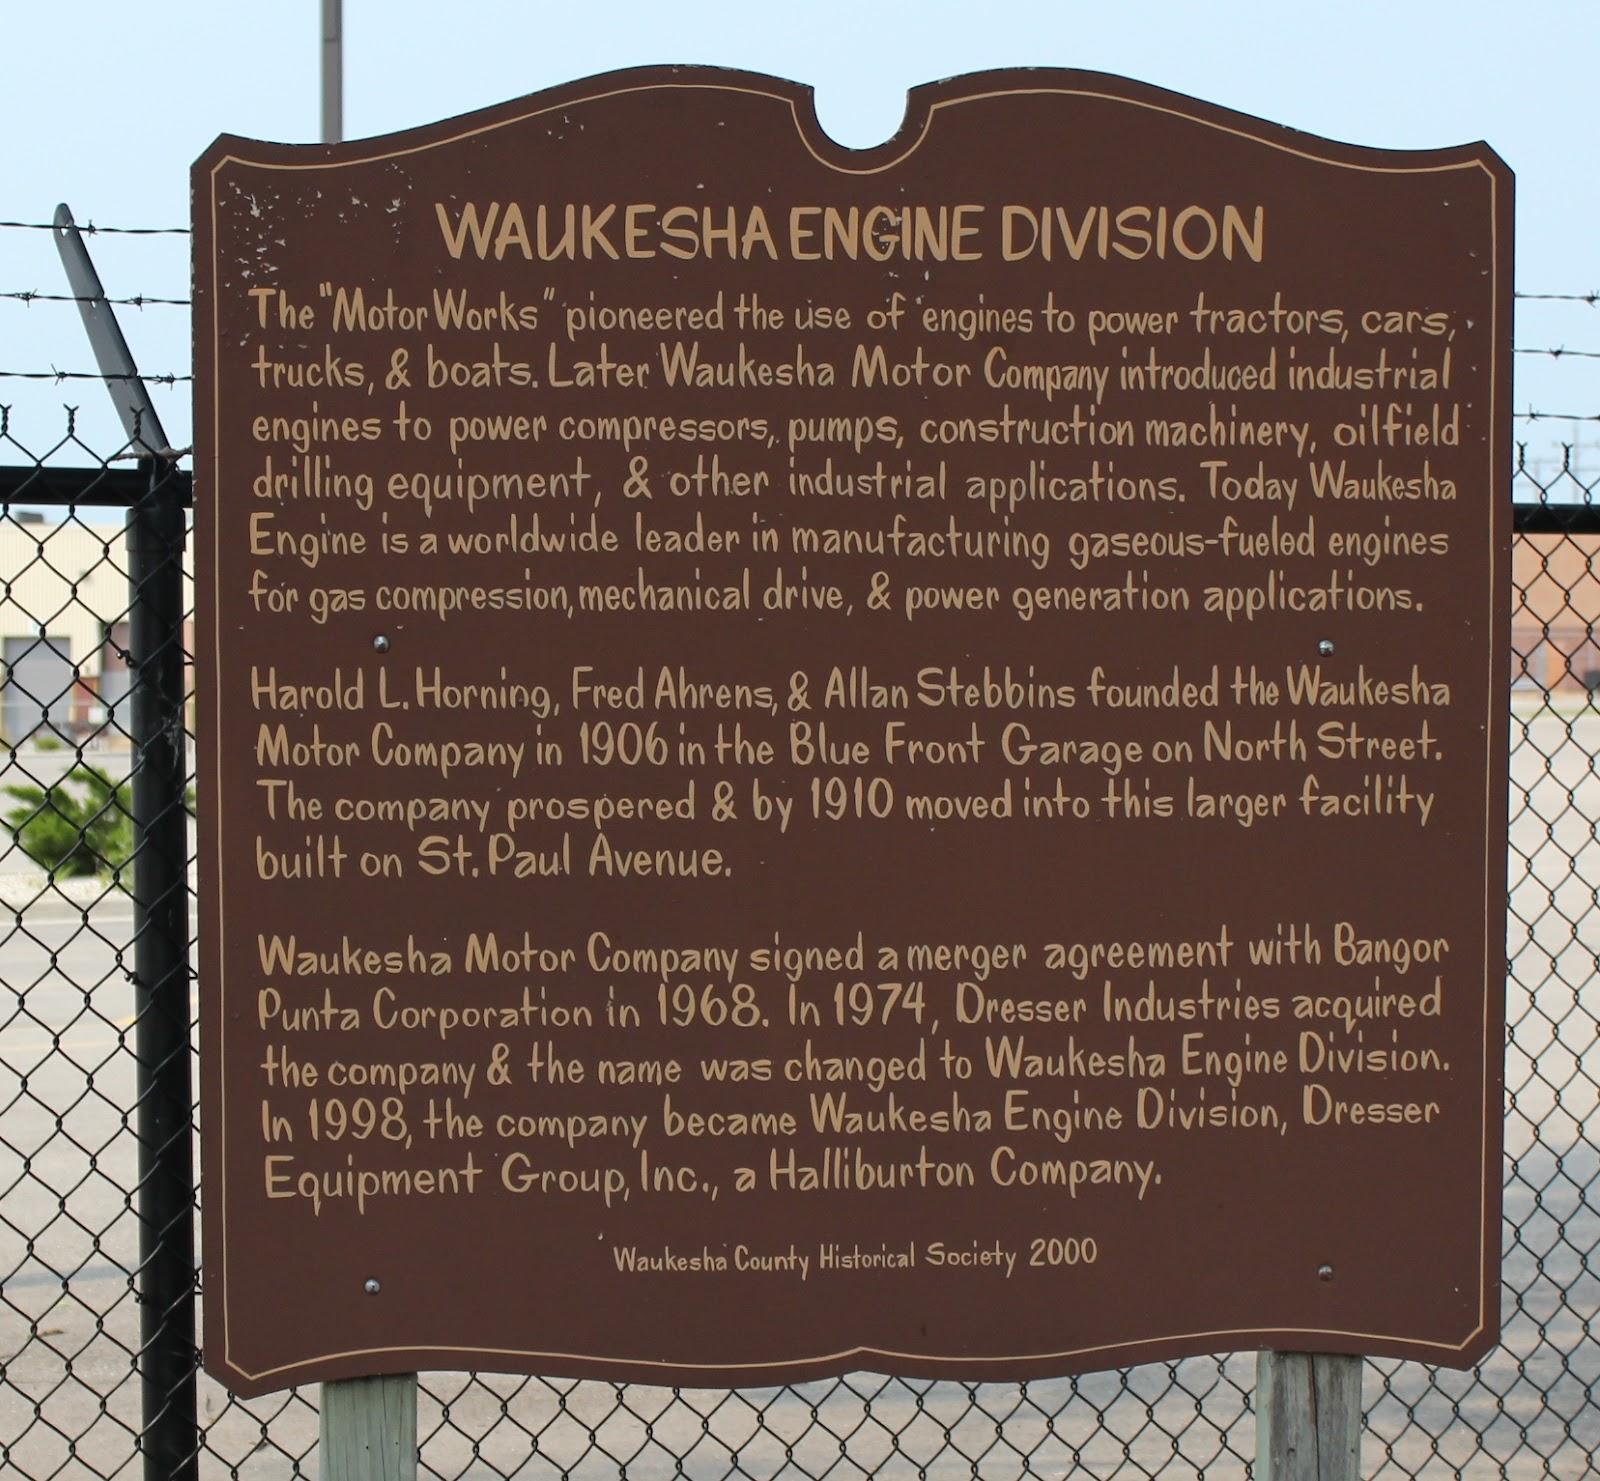 Waukesha Engine Division